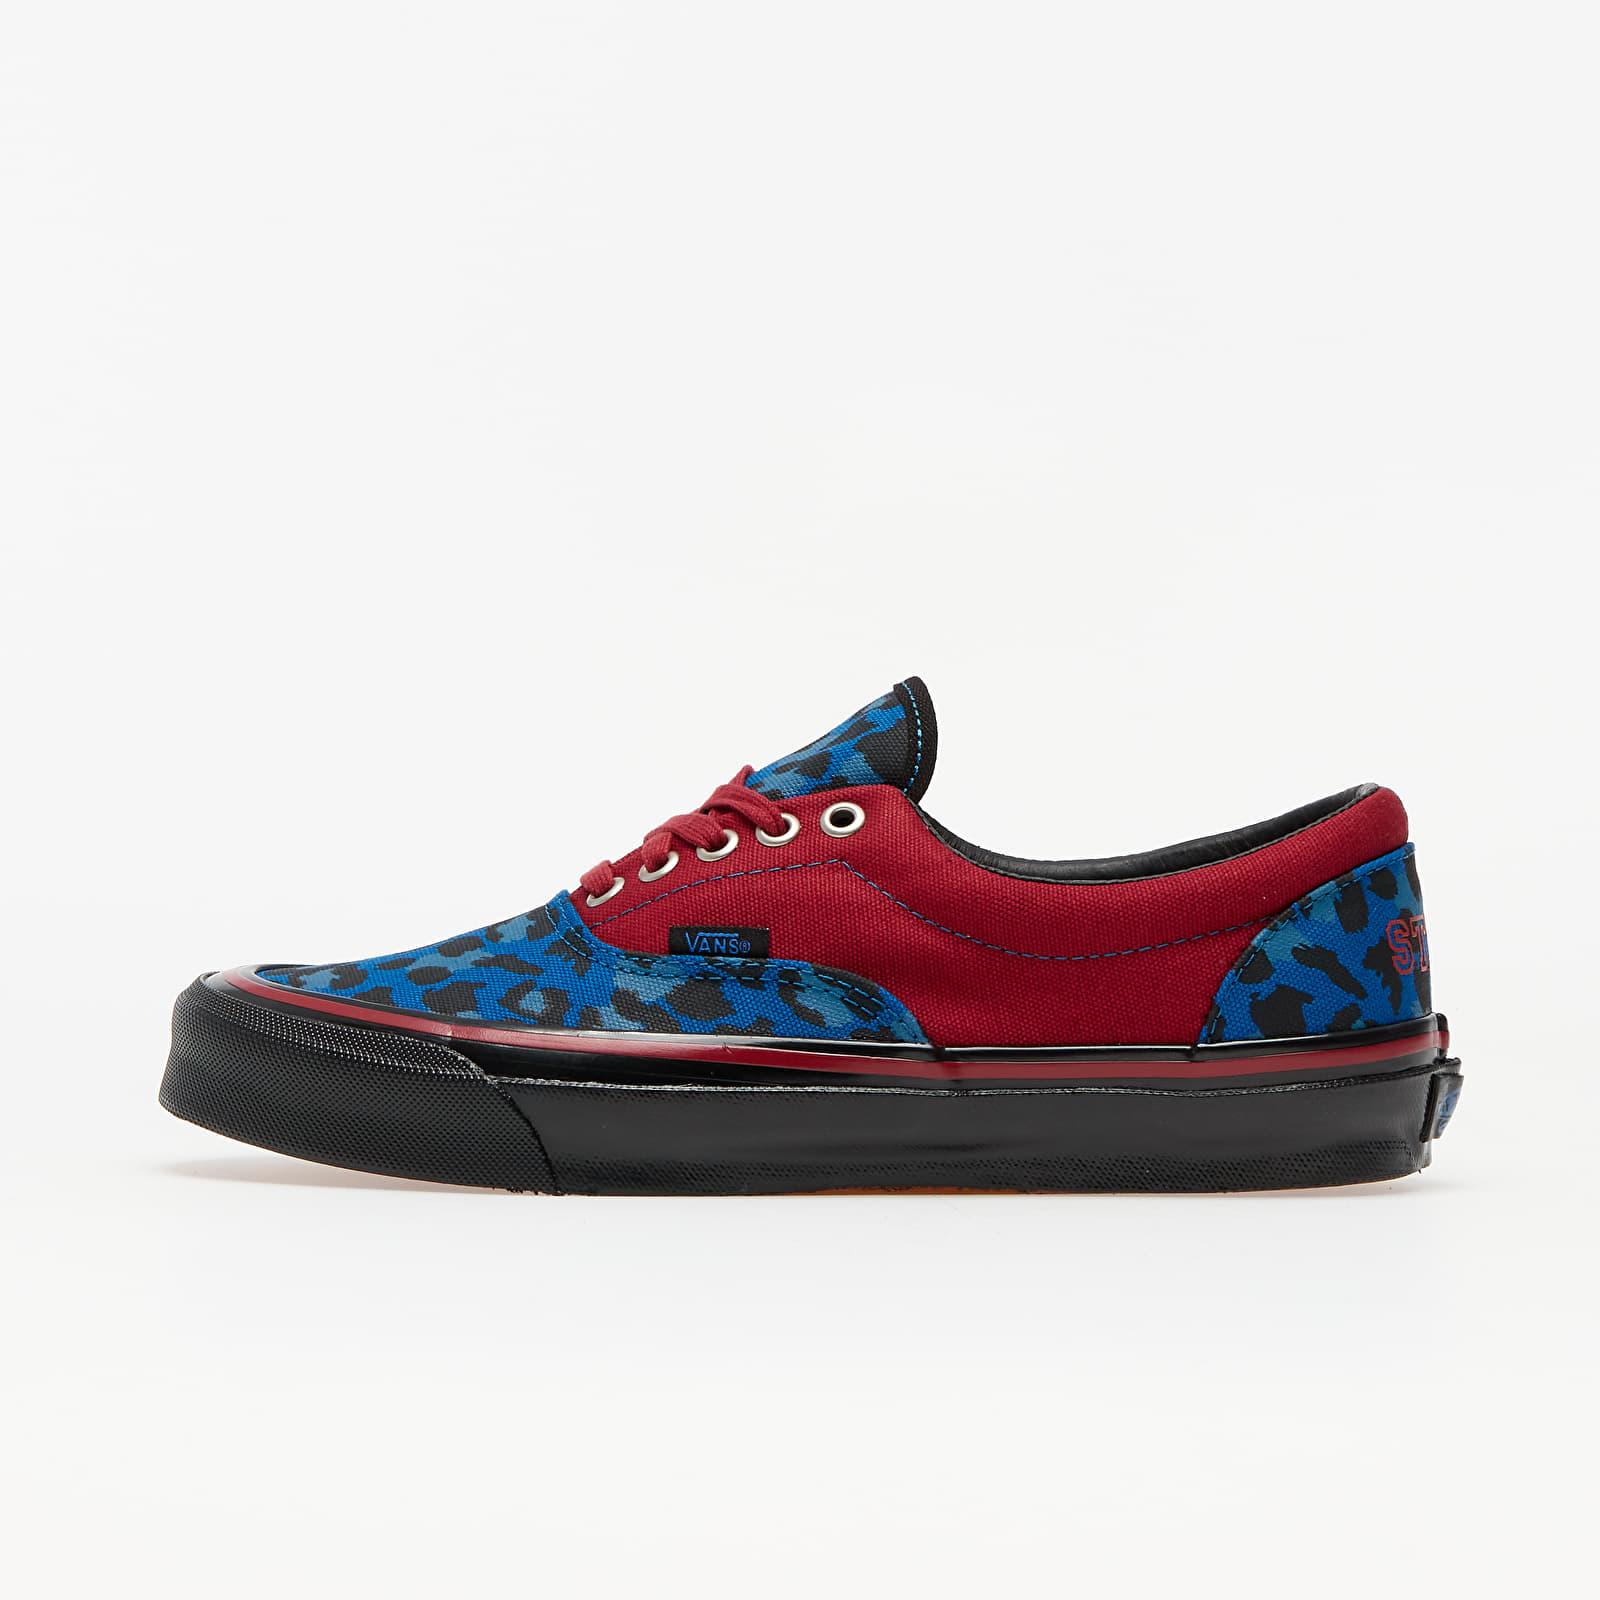 Ανδρικά παπούτσια Vans OG Era LX (Stray Rats) Red/ Blue